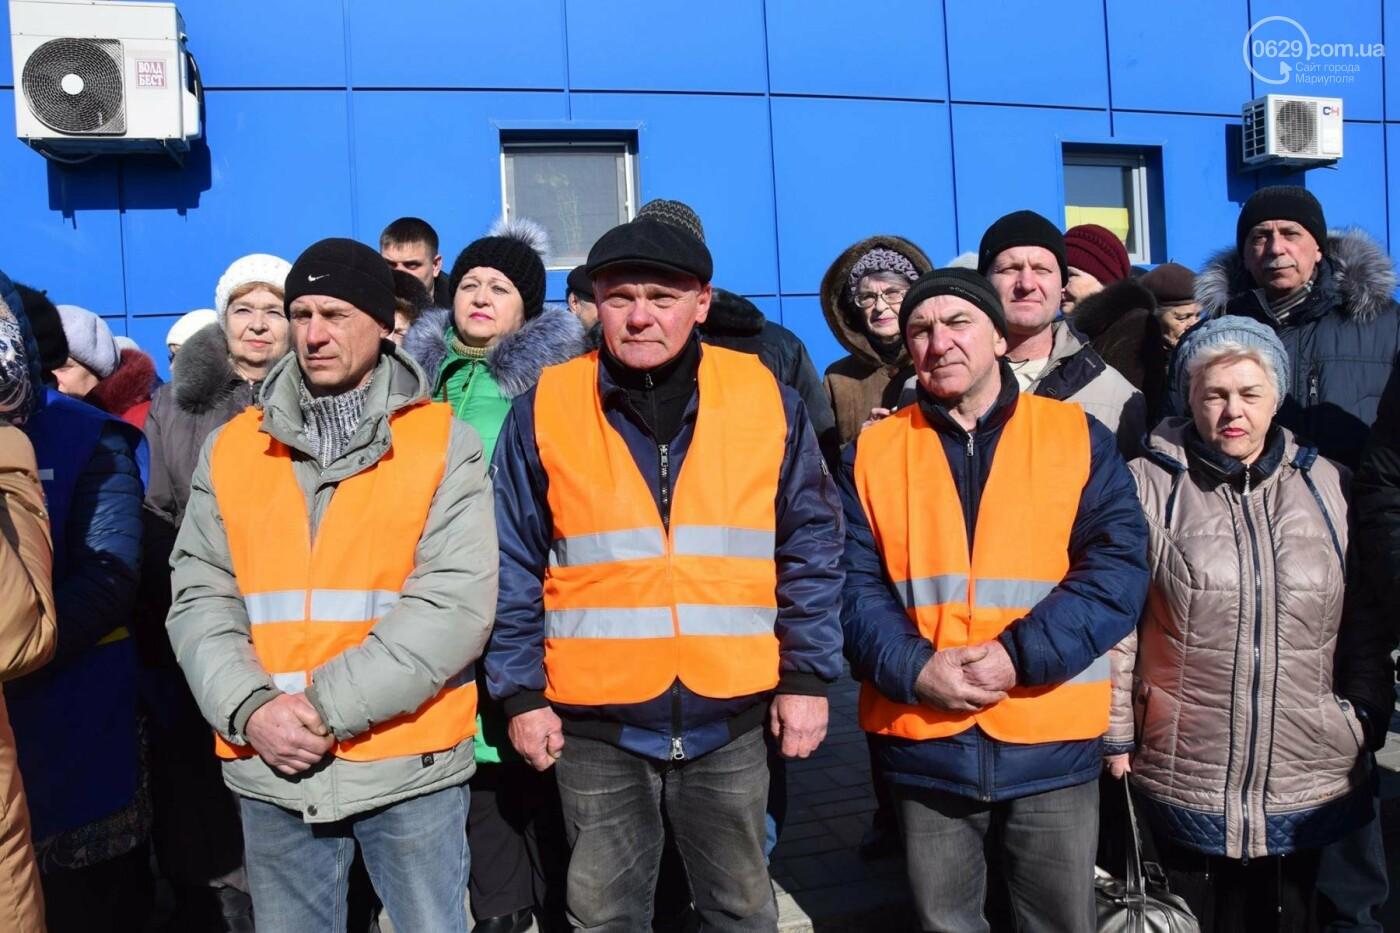 """В Мариуполе из МКР """"Черемушки"""" и поселка Моряков запустили два новых автобусных маршрута (ФОТО, ВИДЕО), фото-5"""